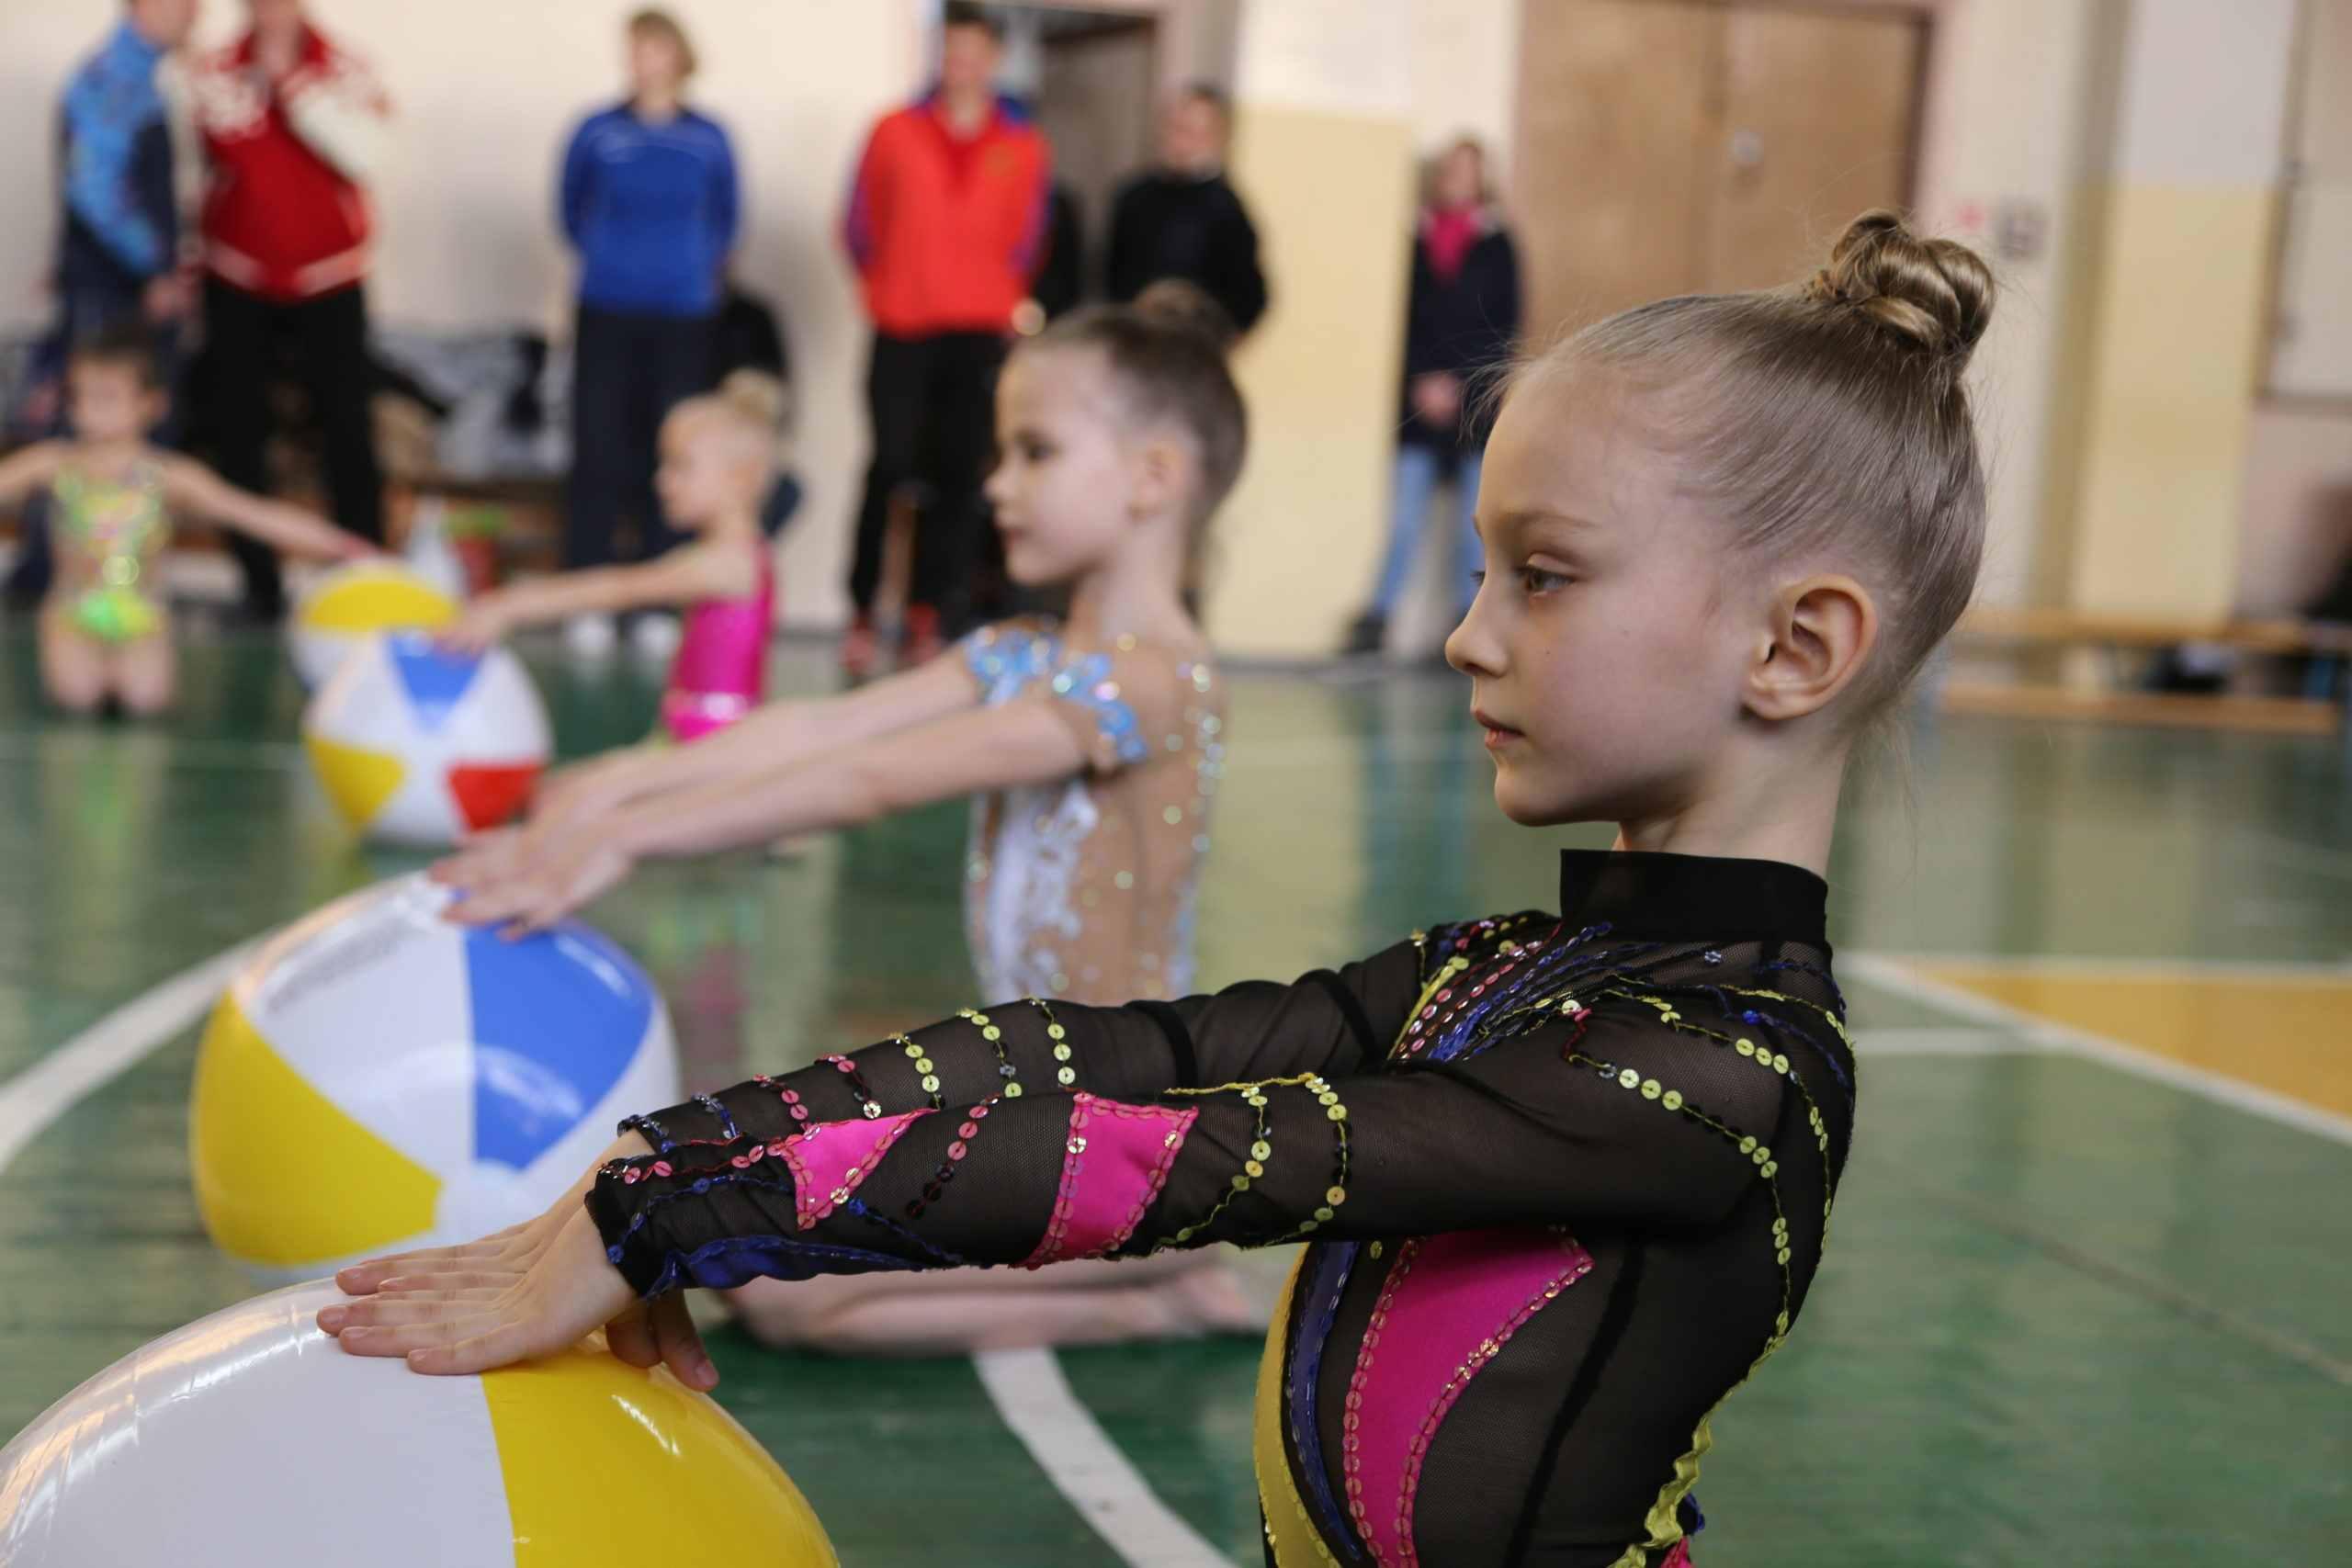 В Новороссийске стали открываться после карантина спортивные школы: как будут тренироваться дети?